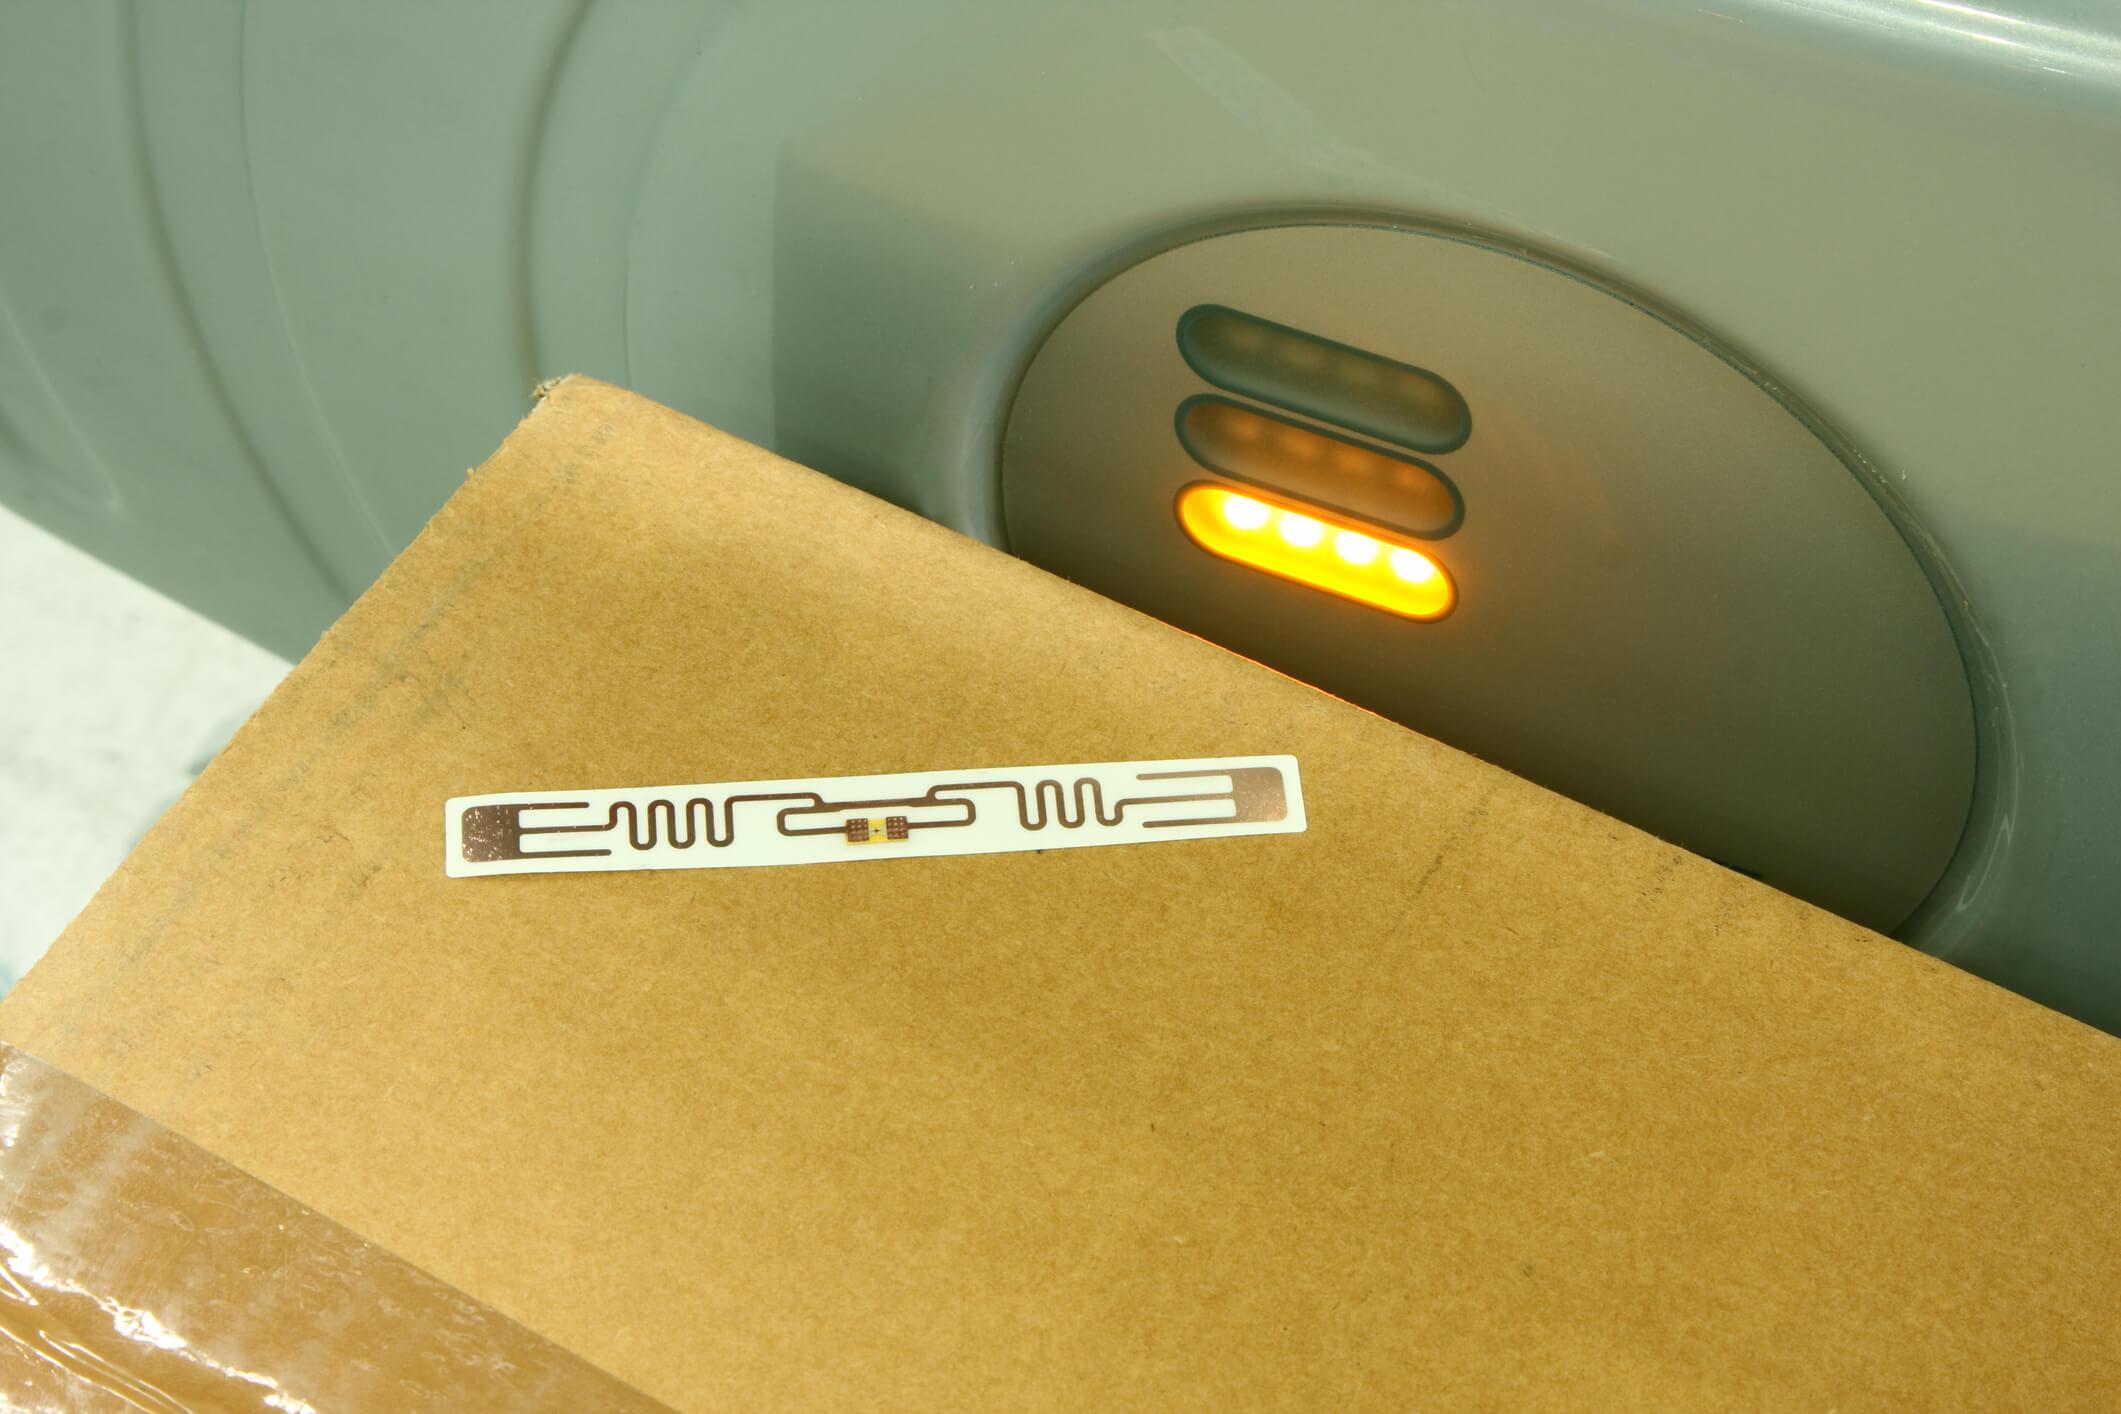 As vantagens do RFID